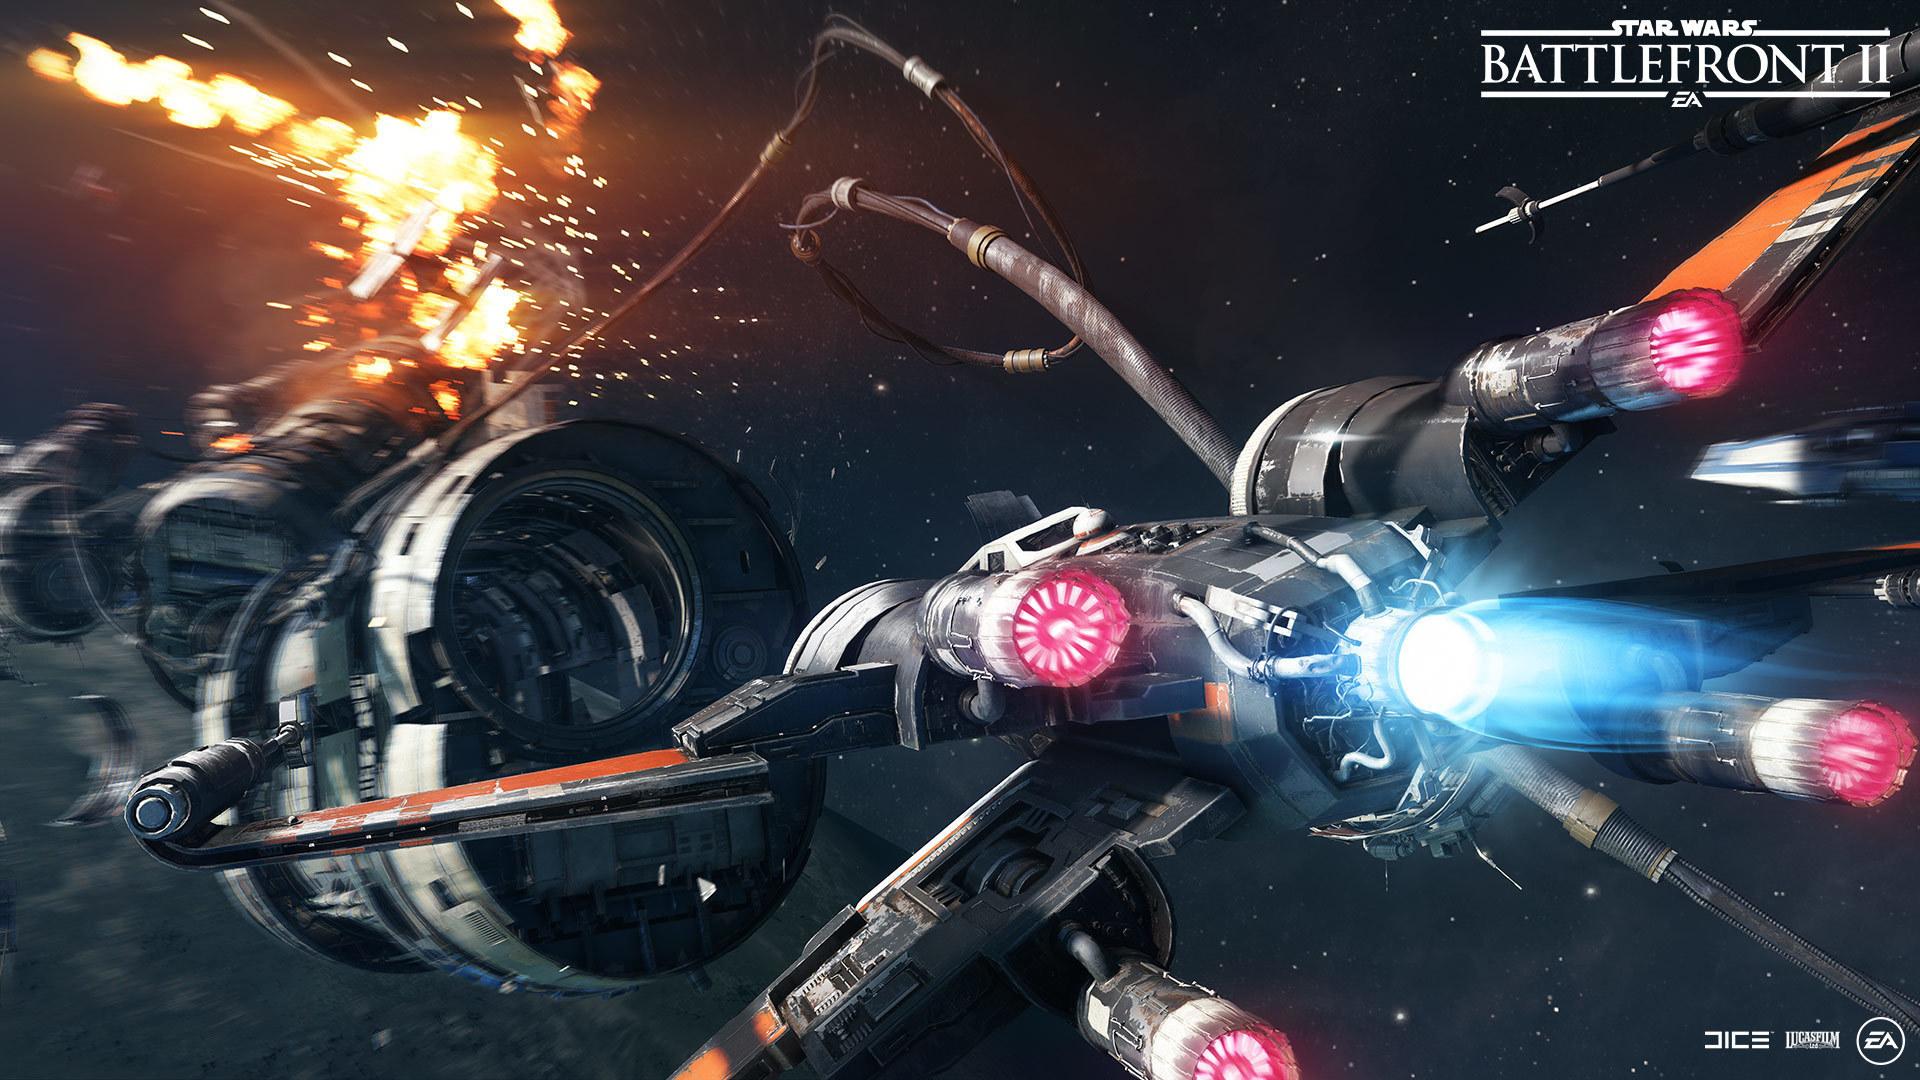 Star Wars Battlefront Ii Screenshot 1 4f604e0cjpeg